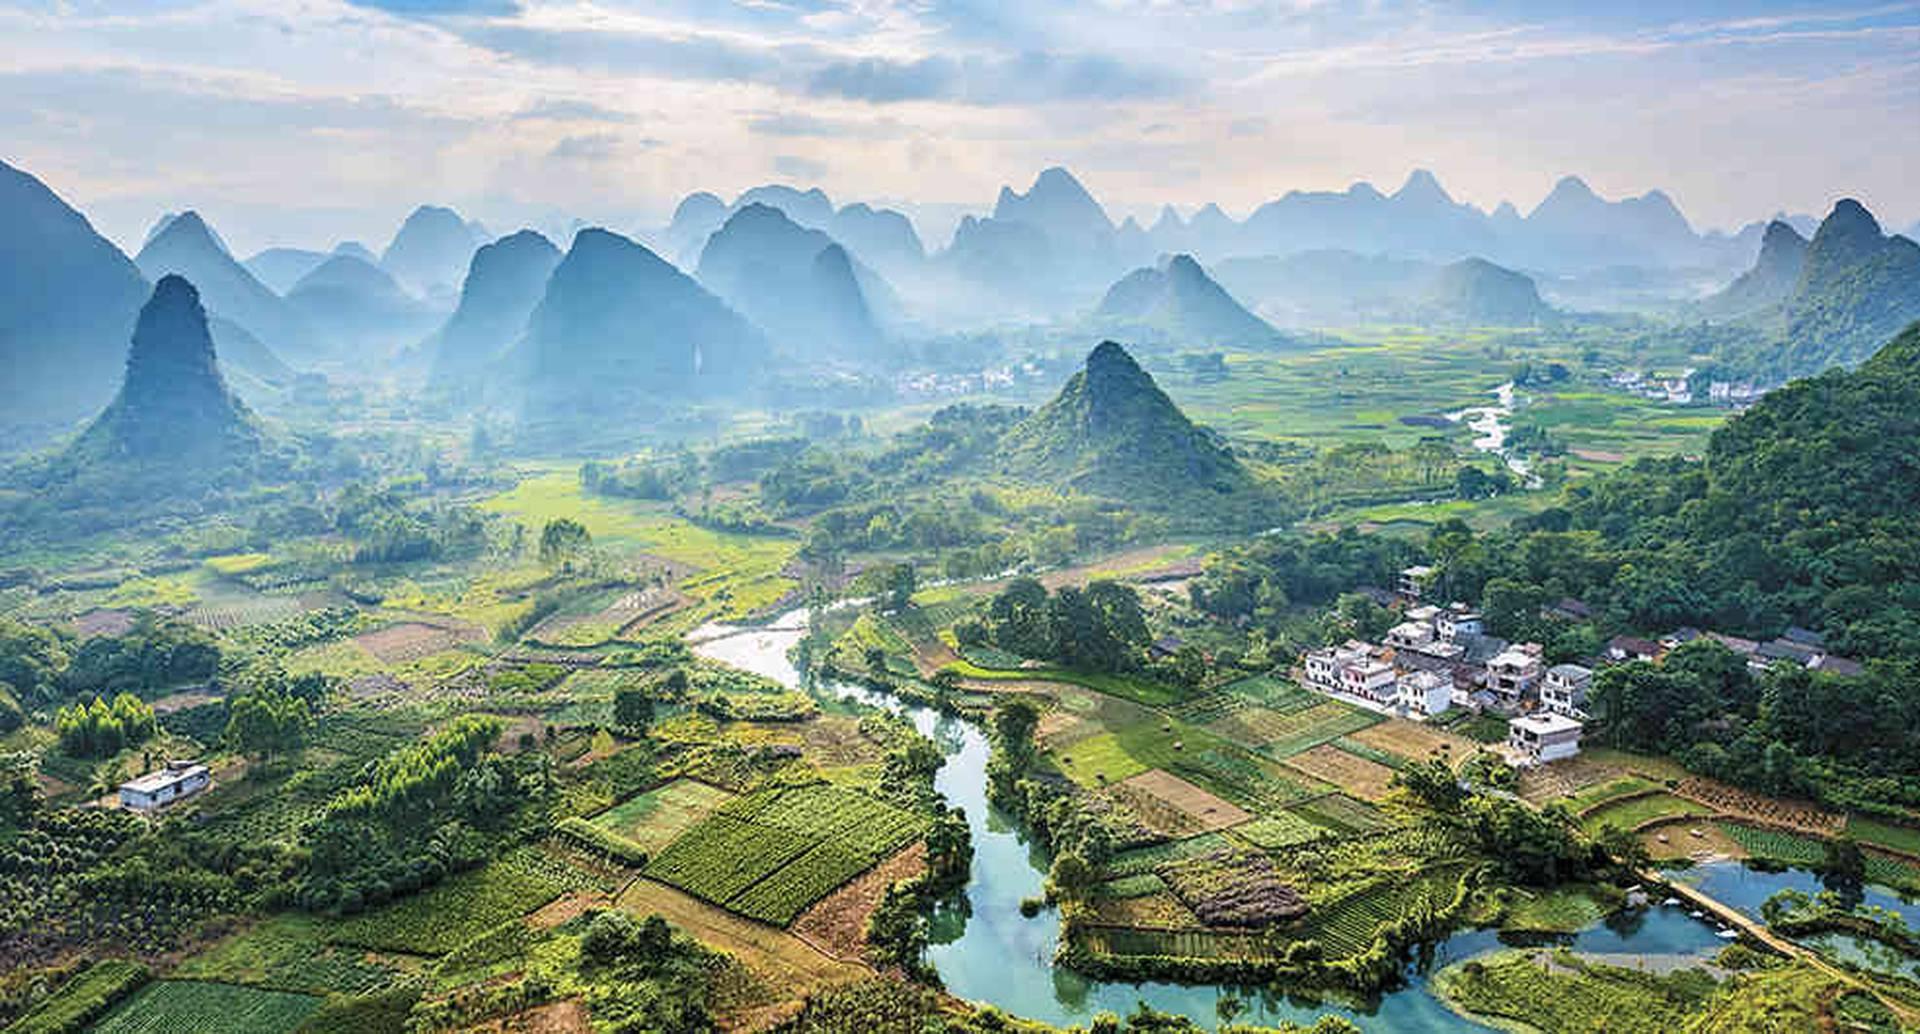 Los laberintos y montañas por donde corren las aguas cristalinas del río Li en la ciudad de Guilin, la eclética Shanghai y la Ciudad Prohibida, en Beijing, son algunos de los lugares que recomienda visitar el periodista inglés de Lonely Planet China.